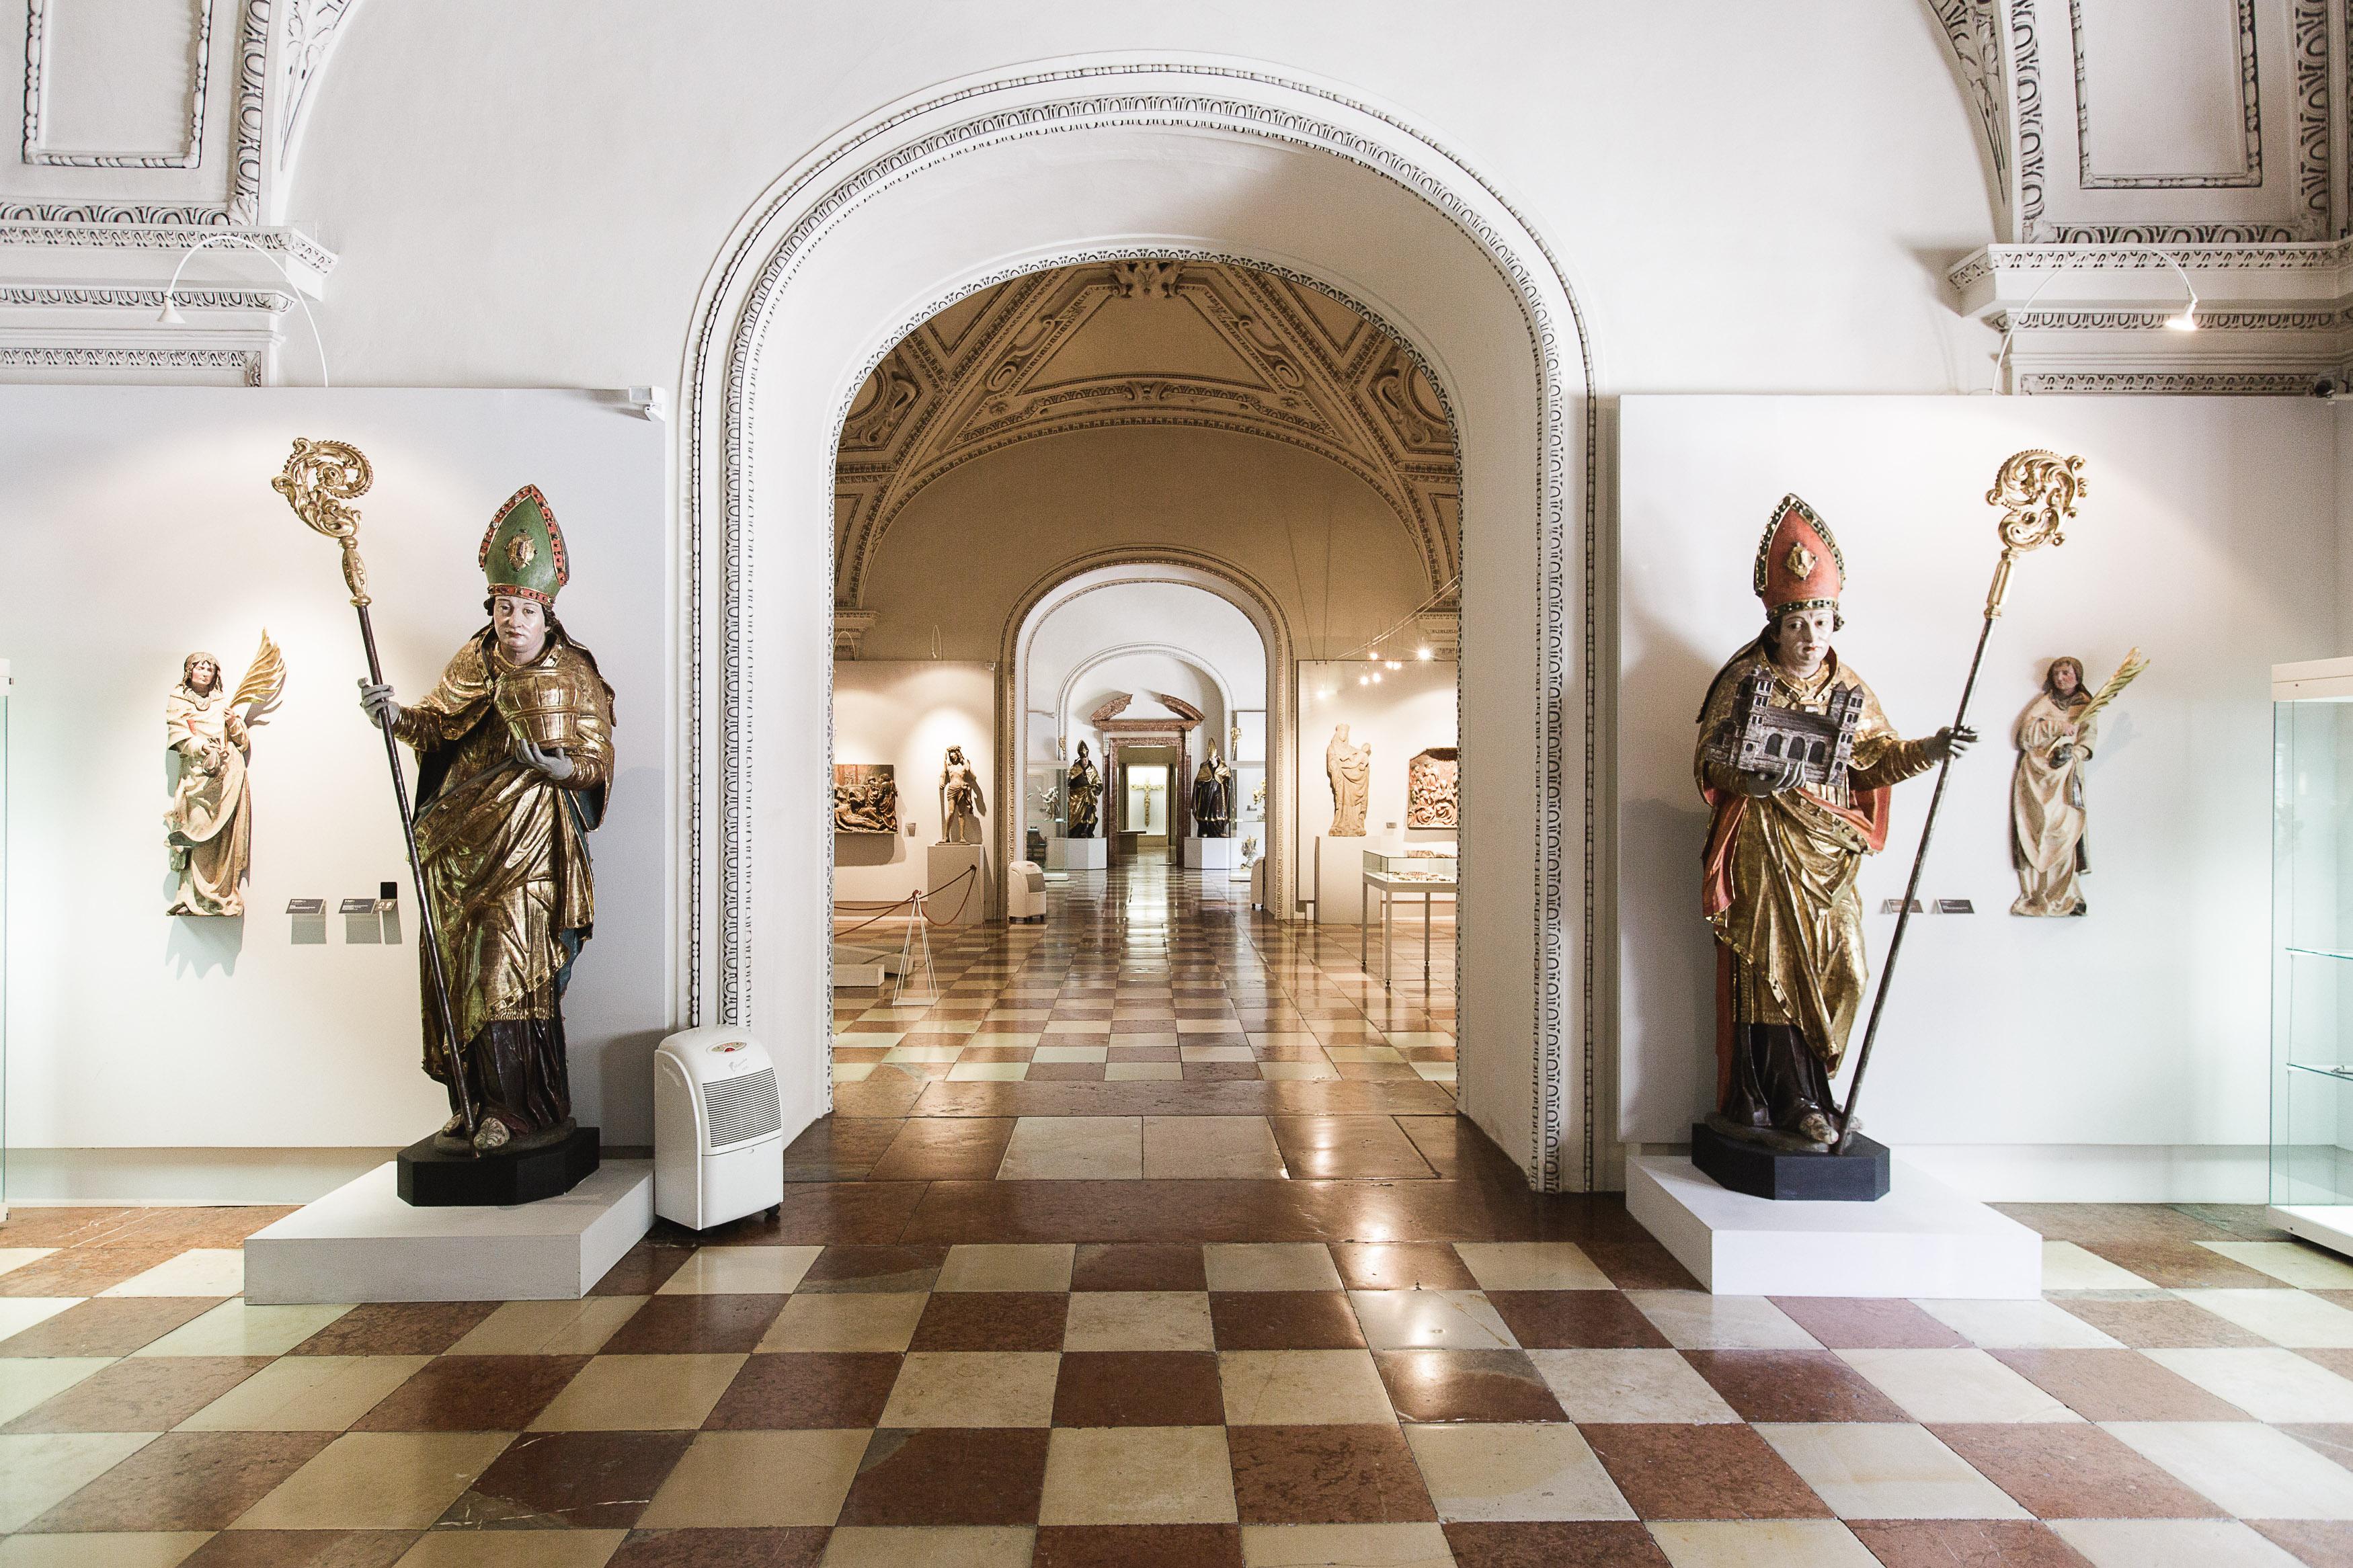 """Veranstaltung Sonderführung """"Die Salzburger Landesheiligen Rupert und Virgil"""" im DomQuartier Salzburg"""